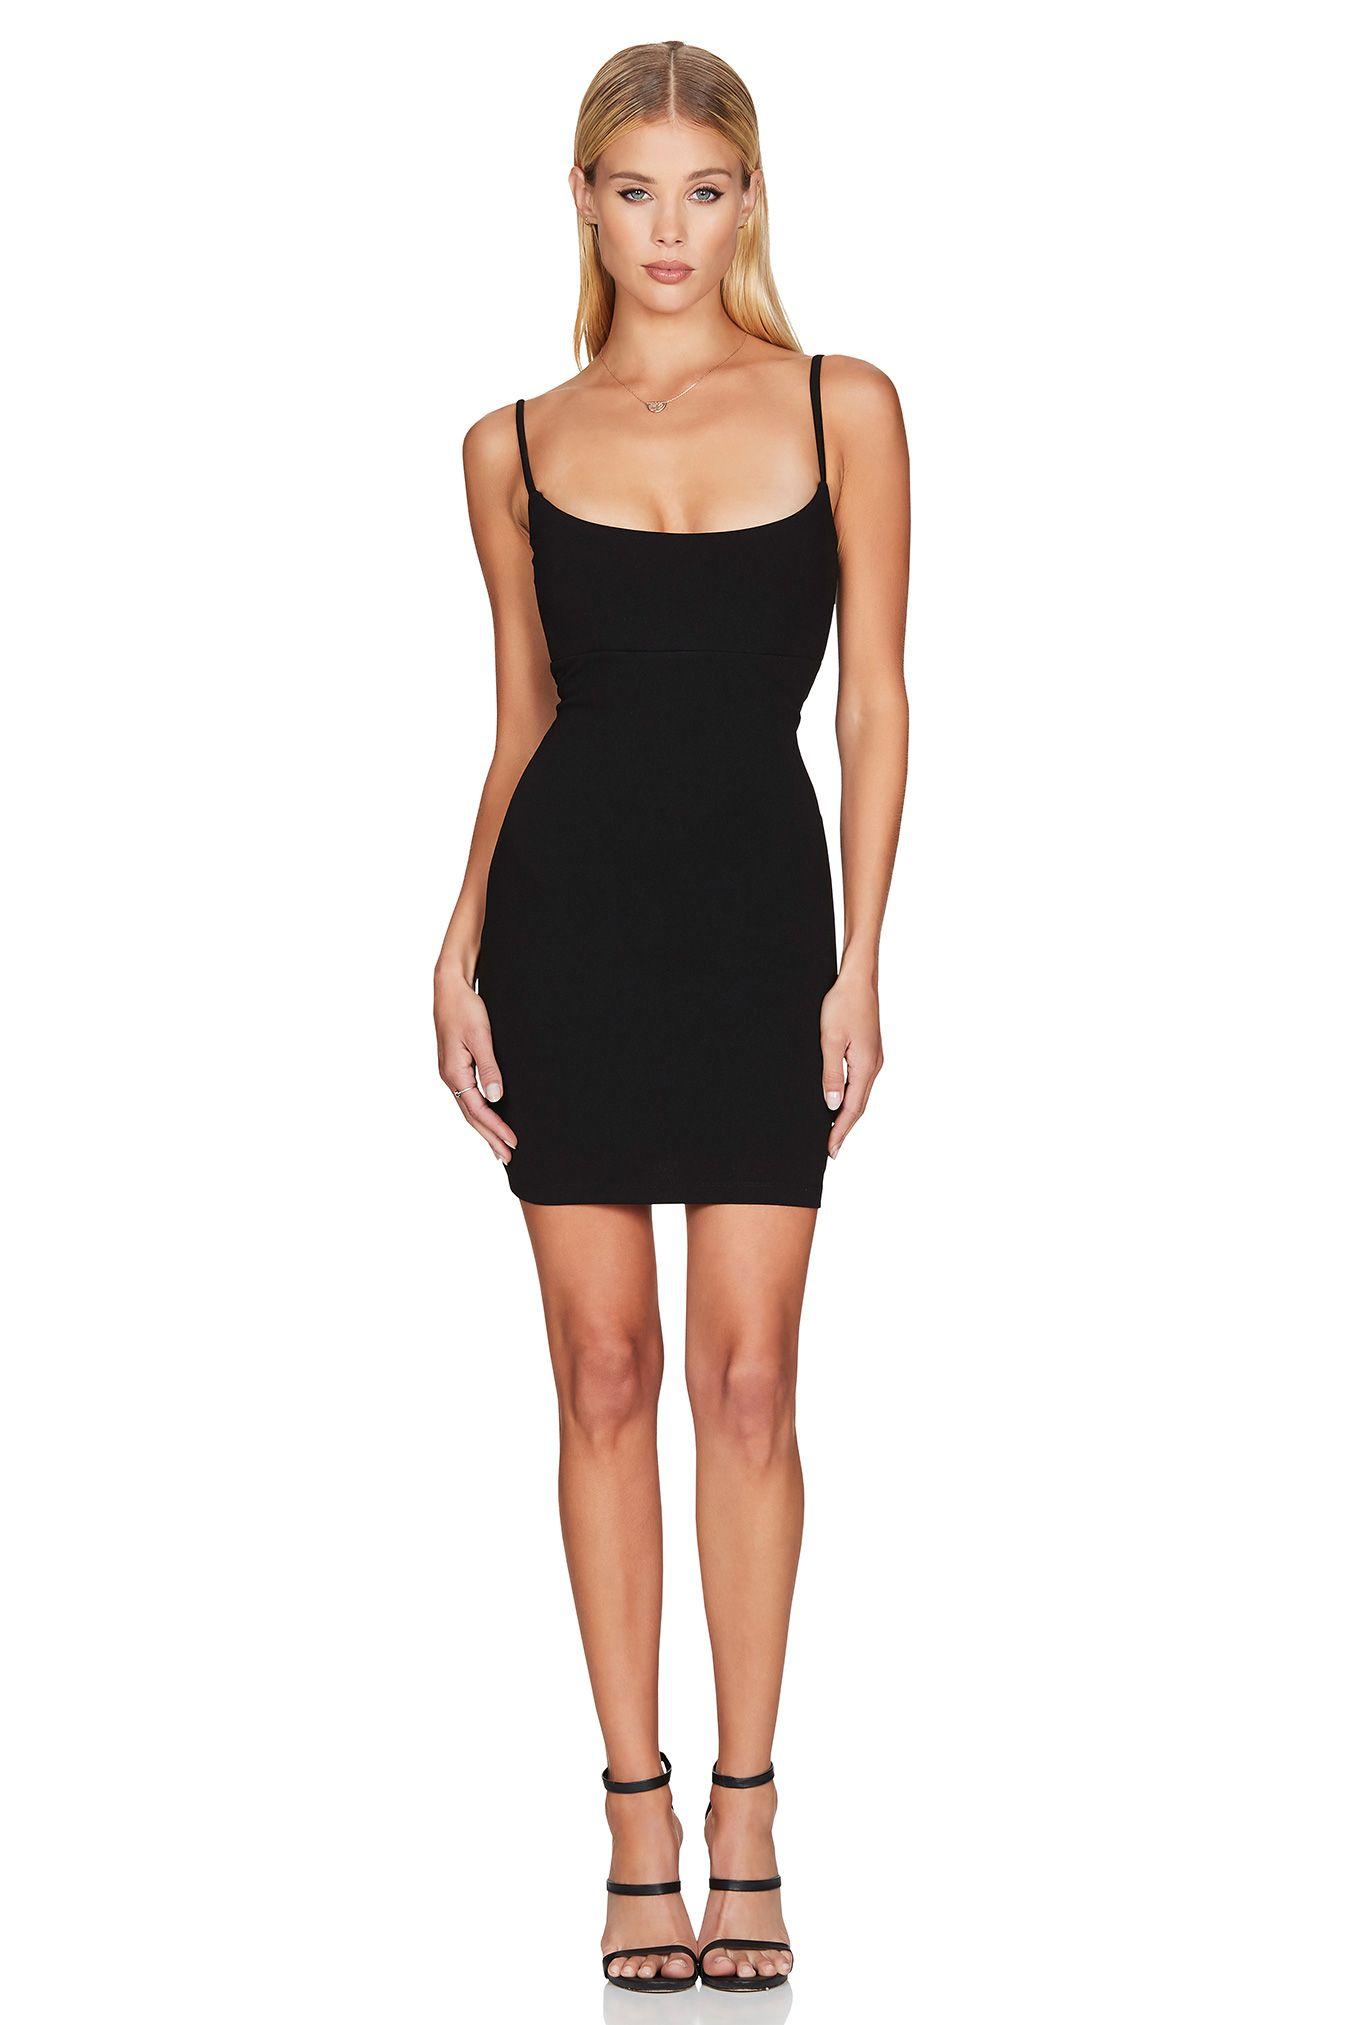 Nookie Bailey Mini Xl Little Black Dress Fashion How To Wear [ 2025 x 1350 Pixel ]